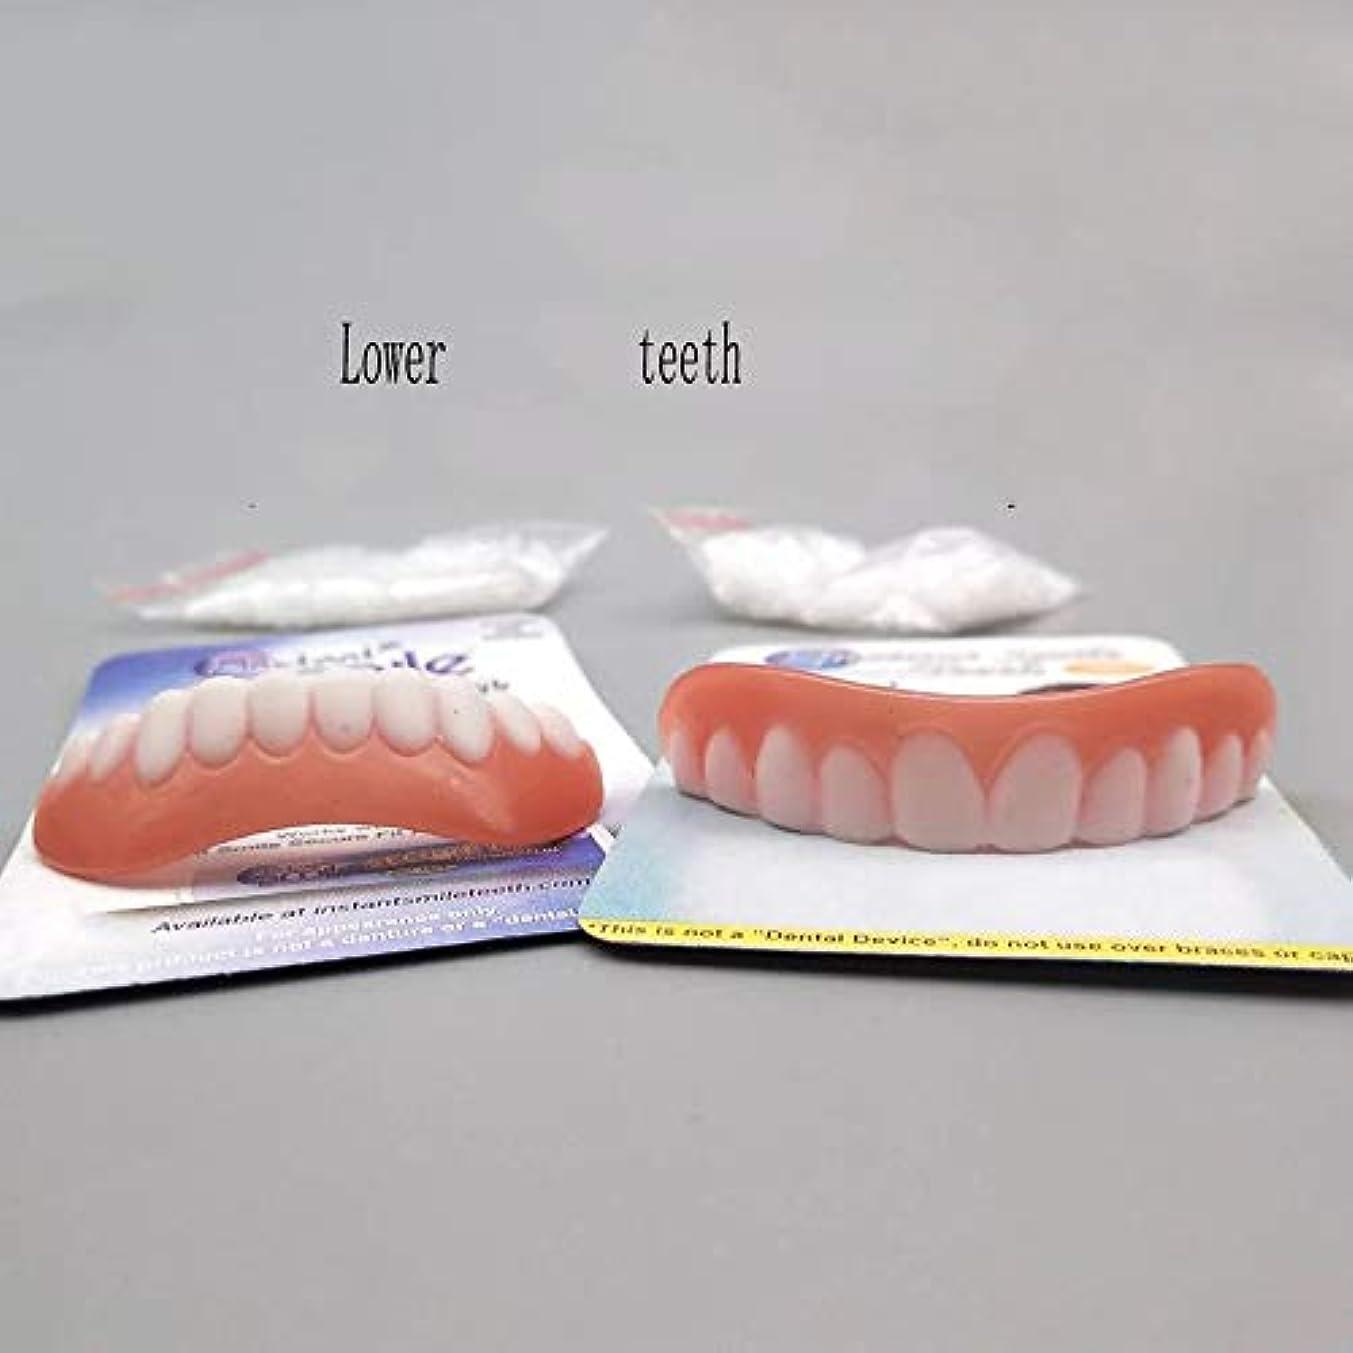 マント肉のガロンシリコーンシミュレーション歯の3セットは白い歯スマイリー入れ歯をブレース